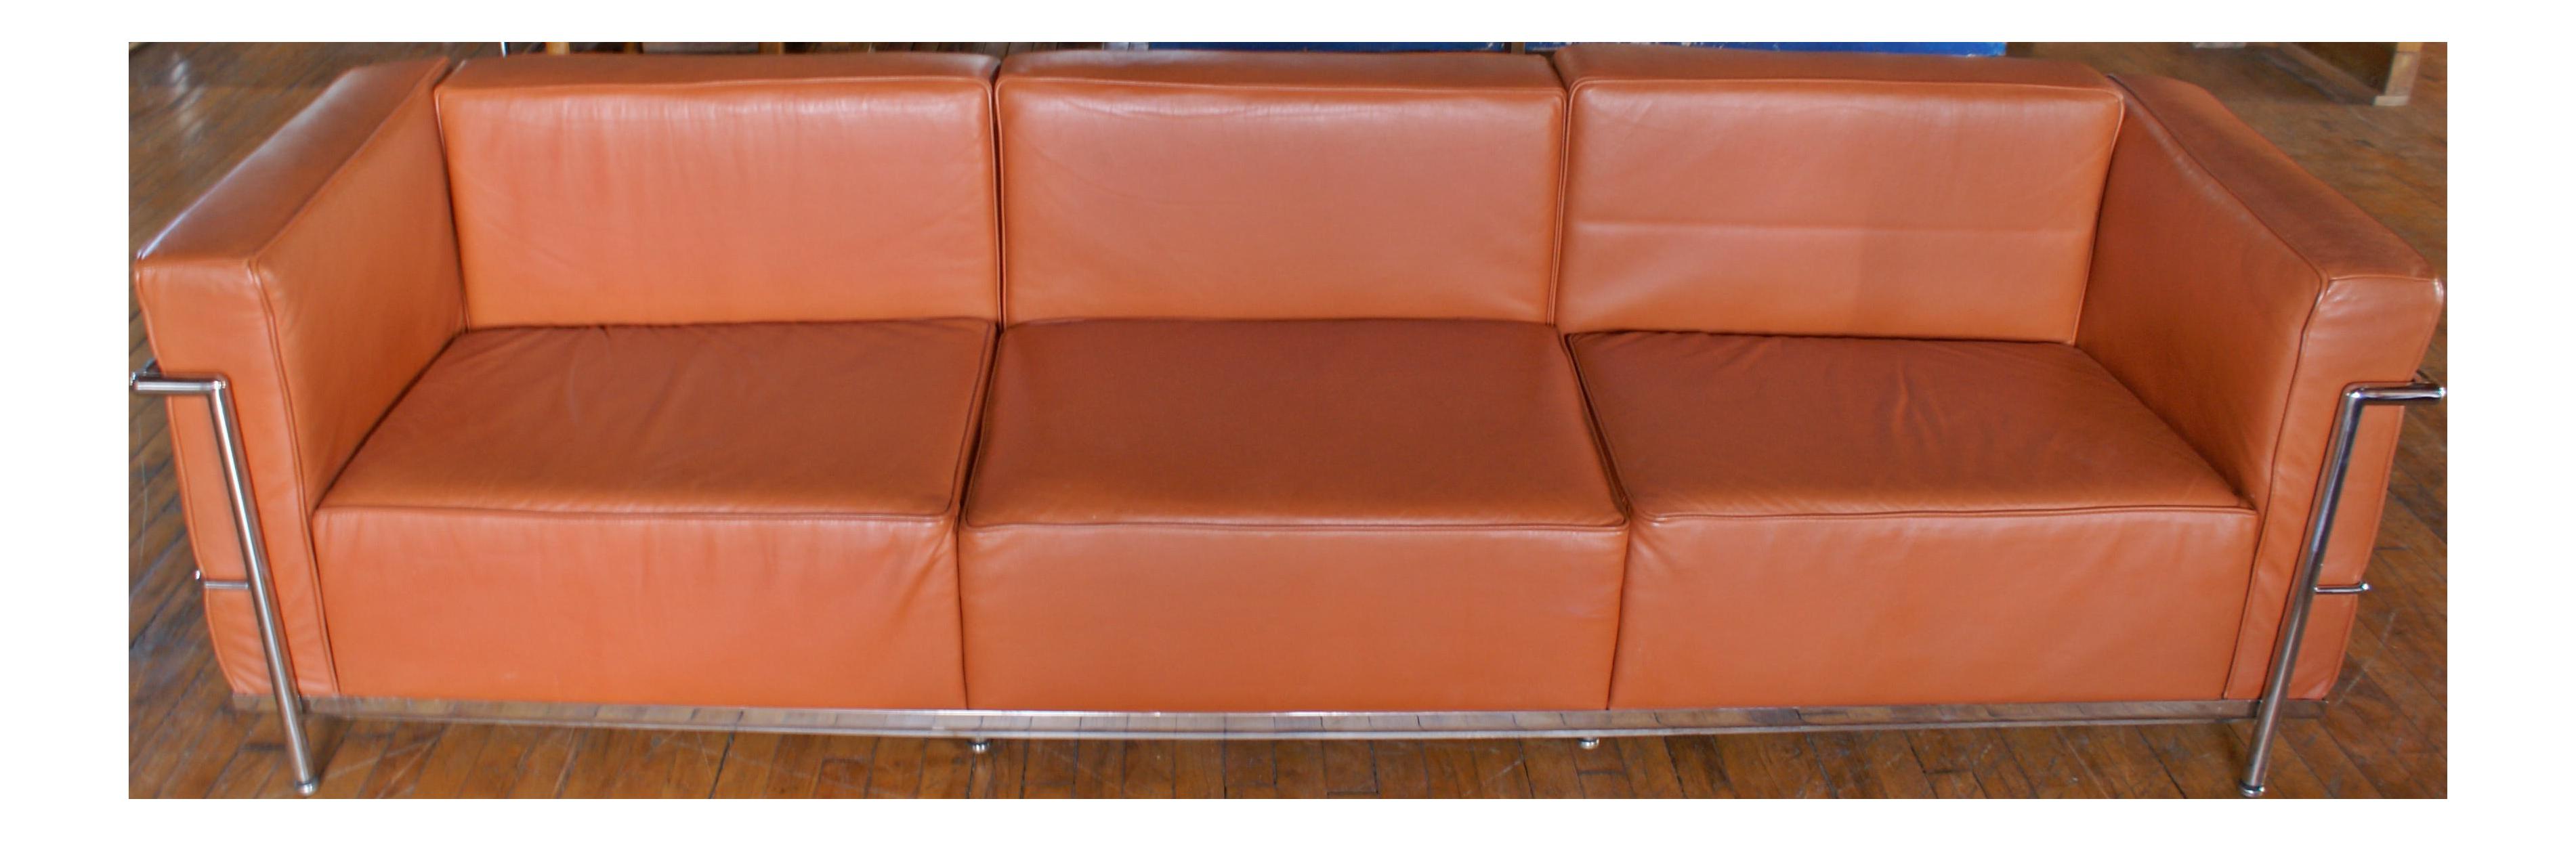 Le Corbusier LC3 Sofa Replica In Brown Leather